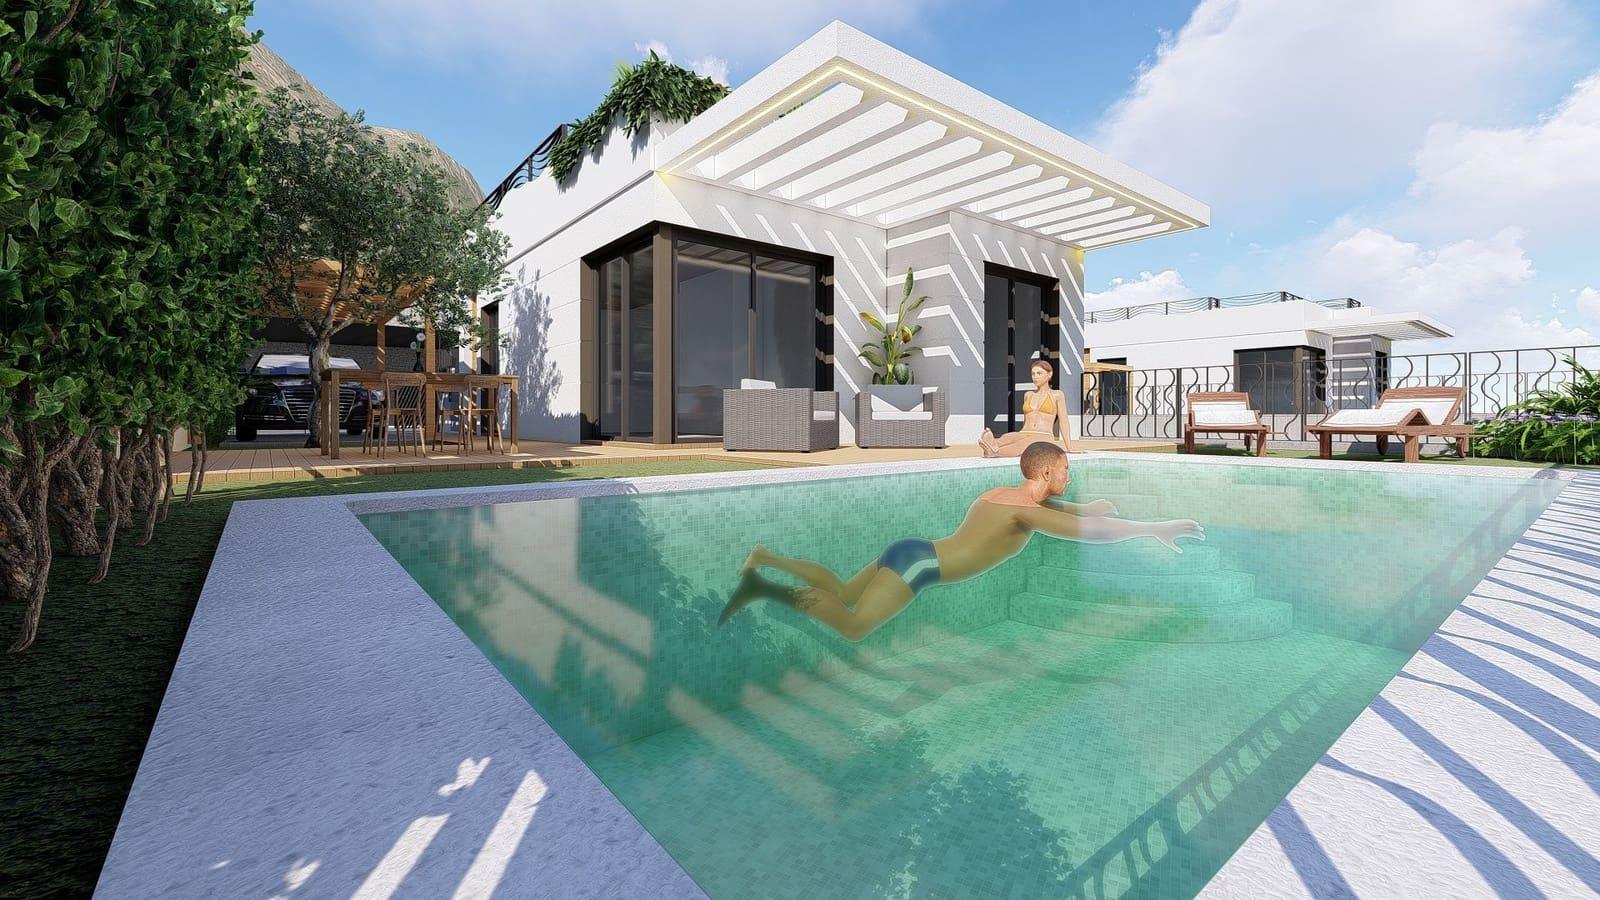 Chalet de 2 habitaciones en Polop en venta con piscina - 194.000 € (Ref: 5032958)